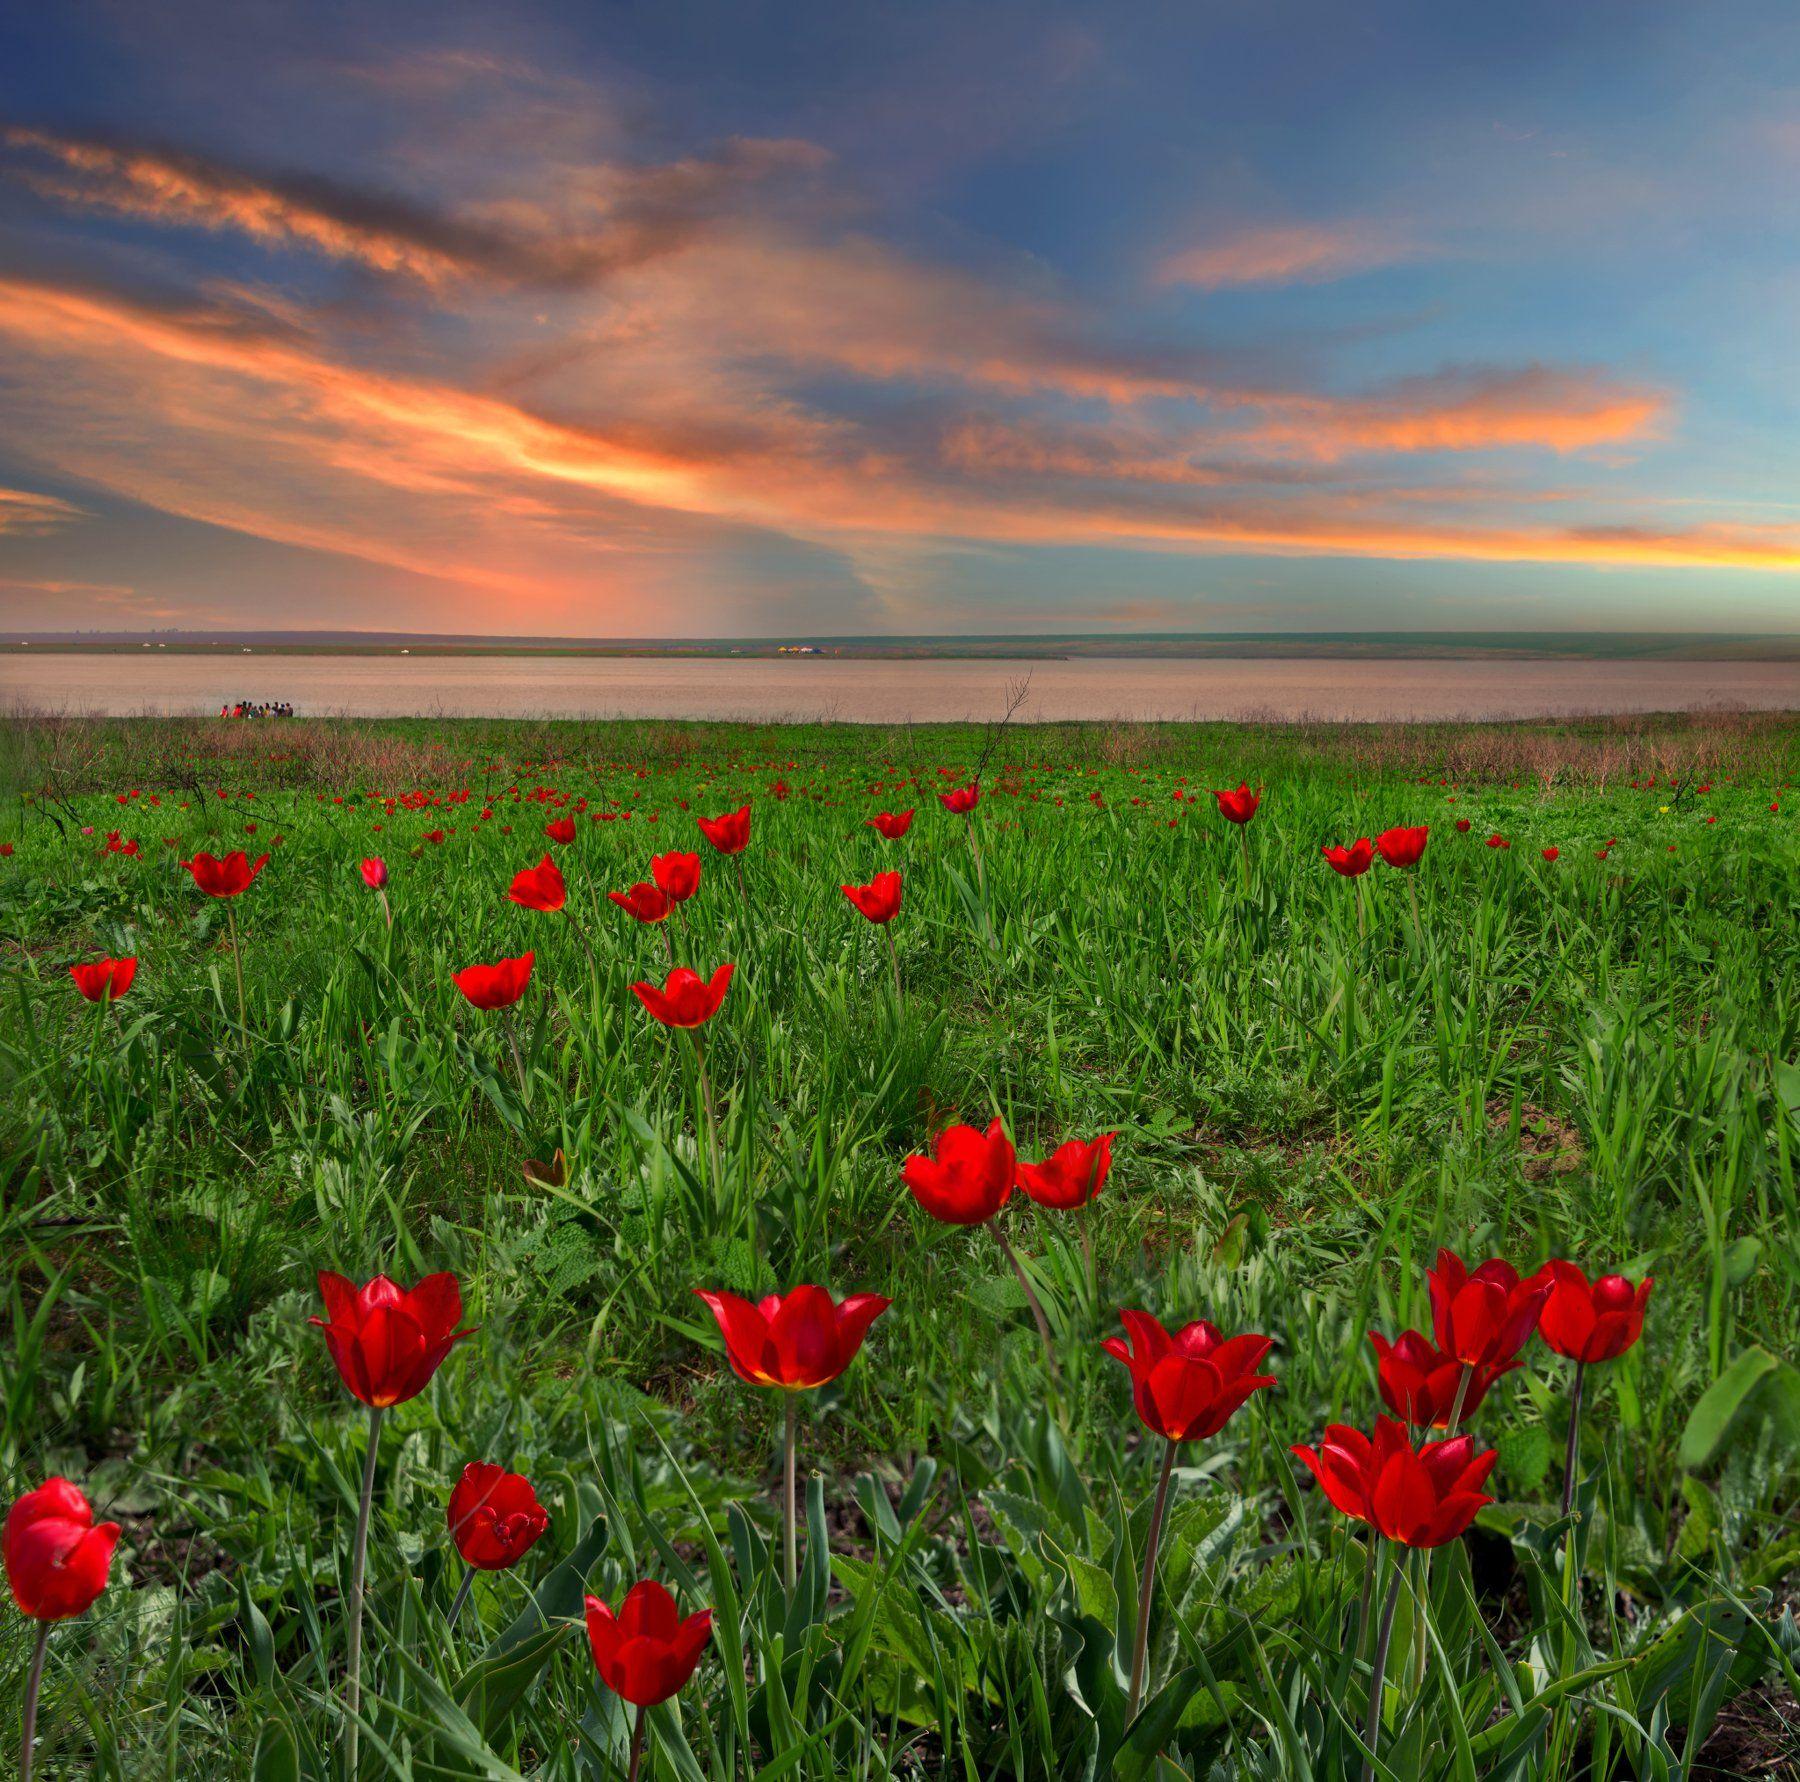 Калмыкия. Про закат с дикими тюльпанами. Елена Брежицкая